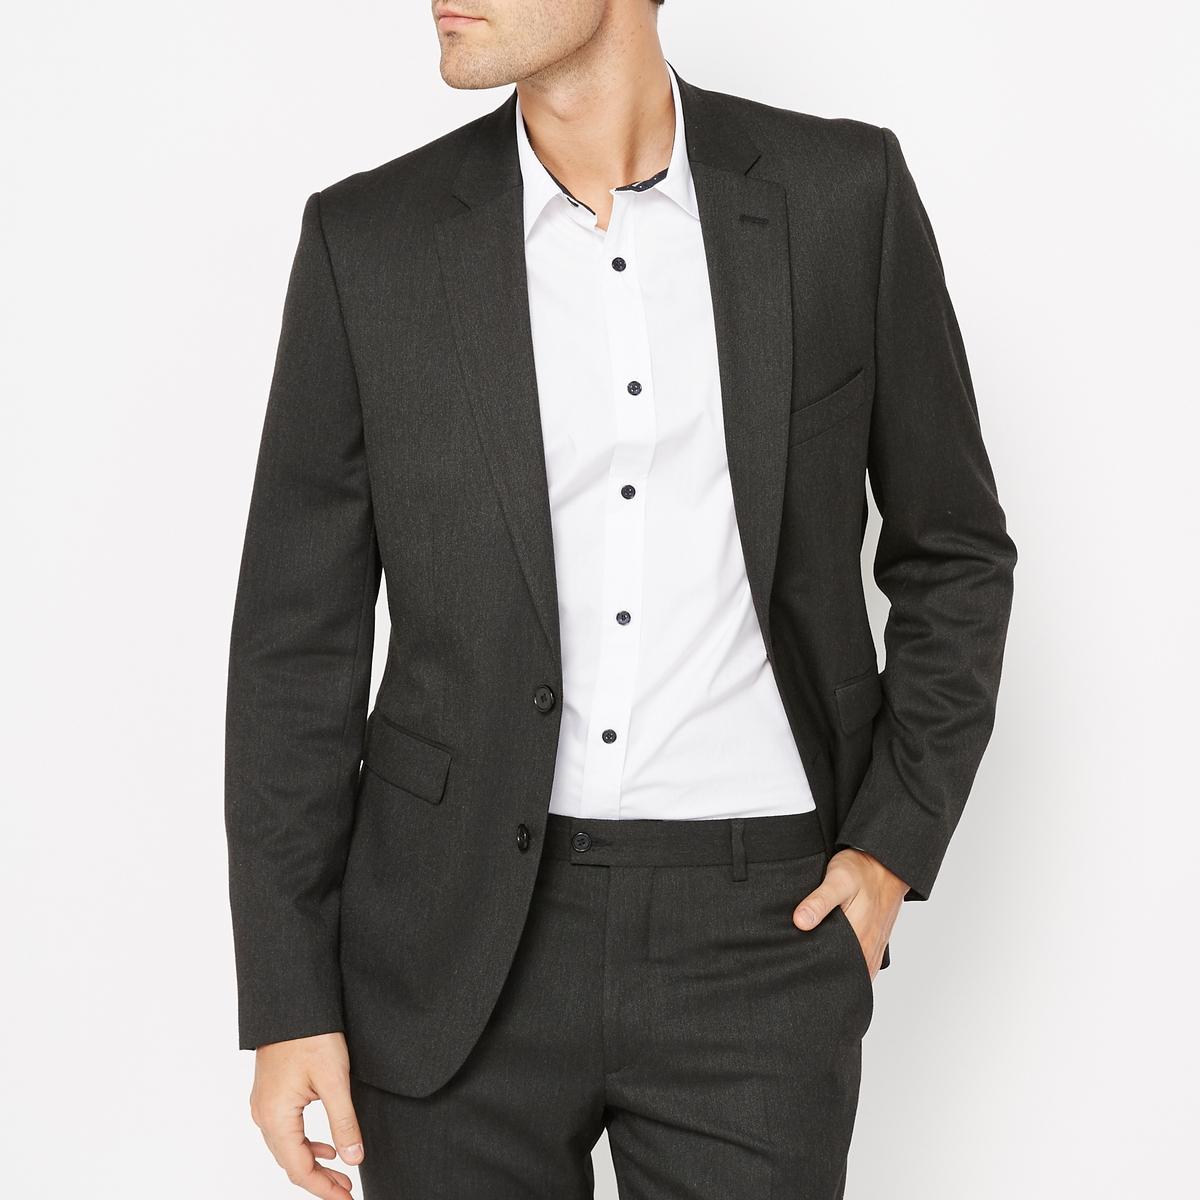 Пиджак костюмный, узкий покройКостюмный пиджак.Узкий покрой.Застежка на 2 пуговицы.2 кармана с клапанами спереди. 1 нагрудный карман.Края рукавов с 4 пуговицами.2 шлицы внизу сзади.2 внутренних кармана.Красивая внутренняя отделка. Состав и описание :Материал : 73% полиэстера, 24% вискозы, 3% эластана.Подкладка 100% полиэстерДлина : 75 см.Марка : R essentielУход :Сухая (химическая) чистка.<br><br>Цвет: антрацит,темно-синий<br>Размер: 44